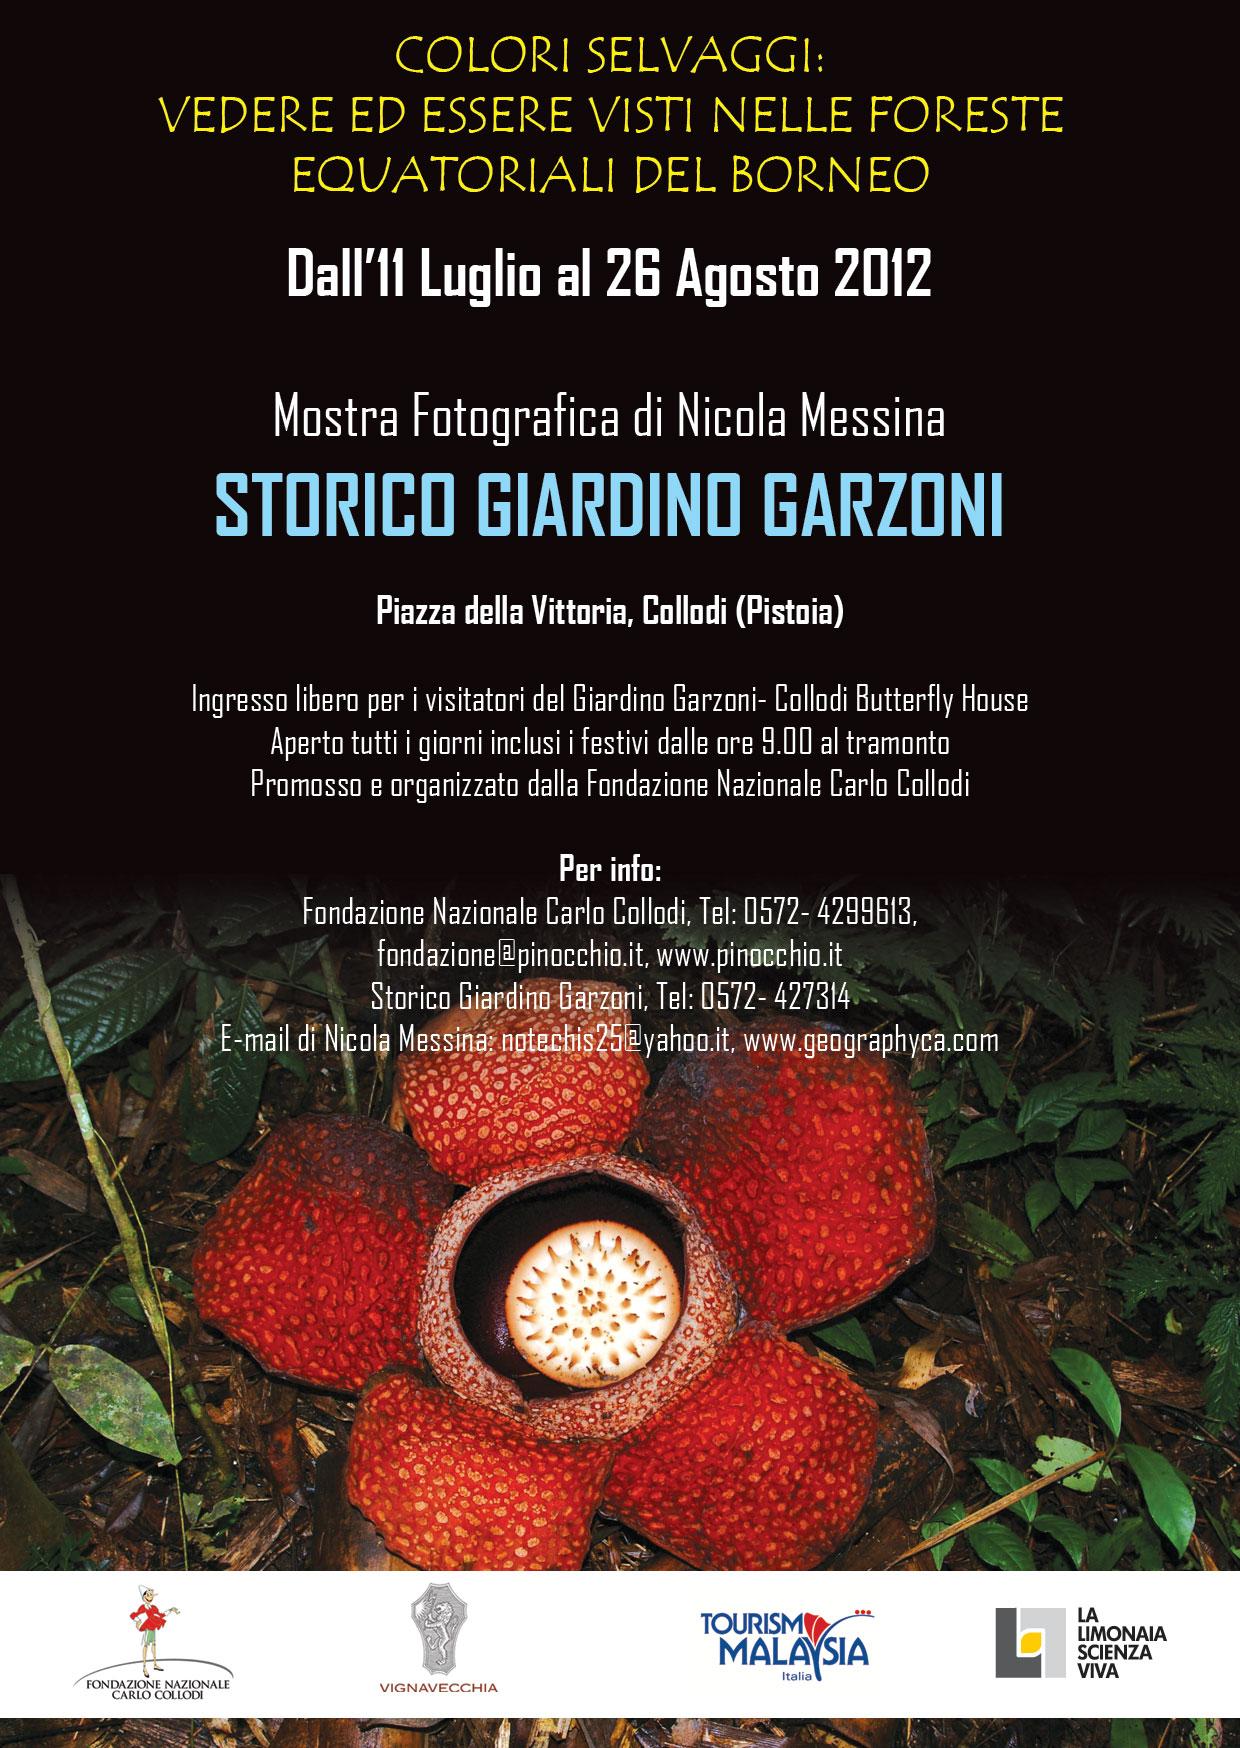 11 Luglio-26 Agosto 2012, Giardini Storici Villa Garzoni, Collodi (PT)